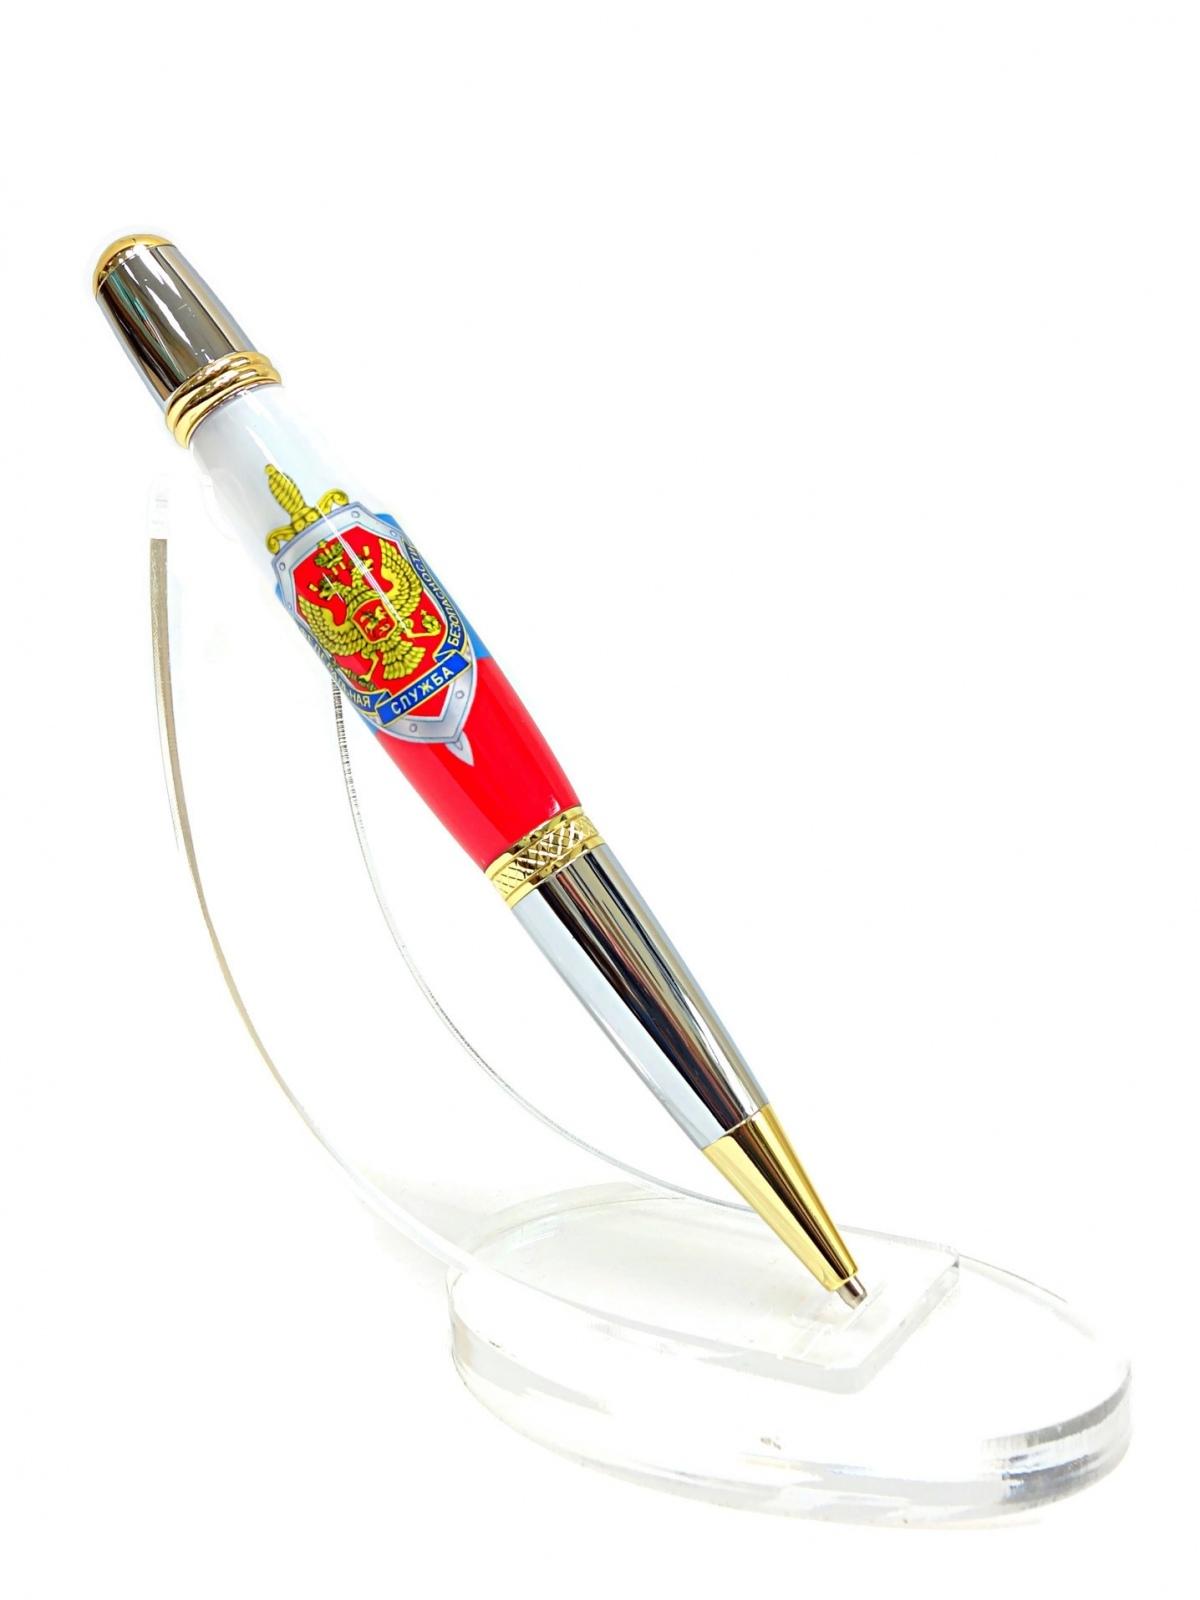 Шариковая ручка ФСБ